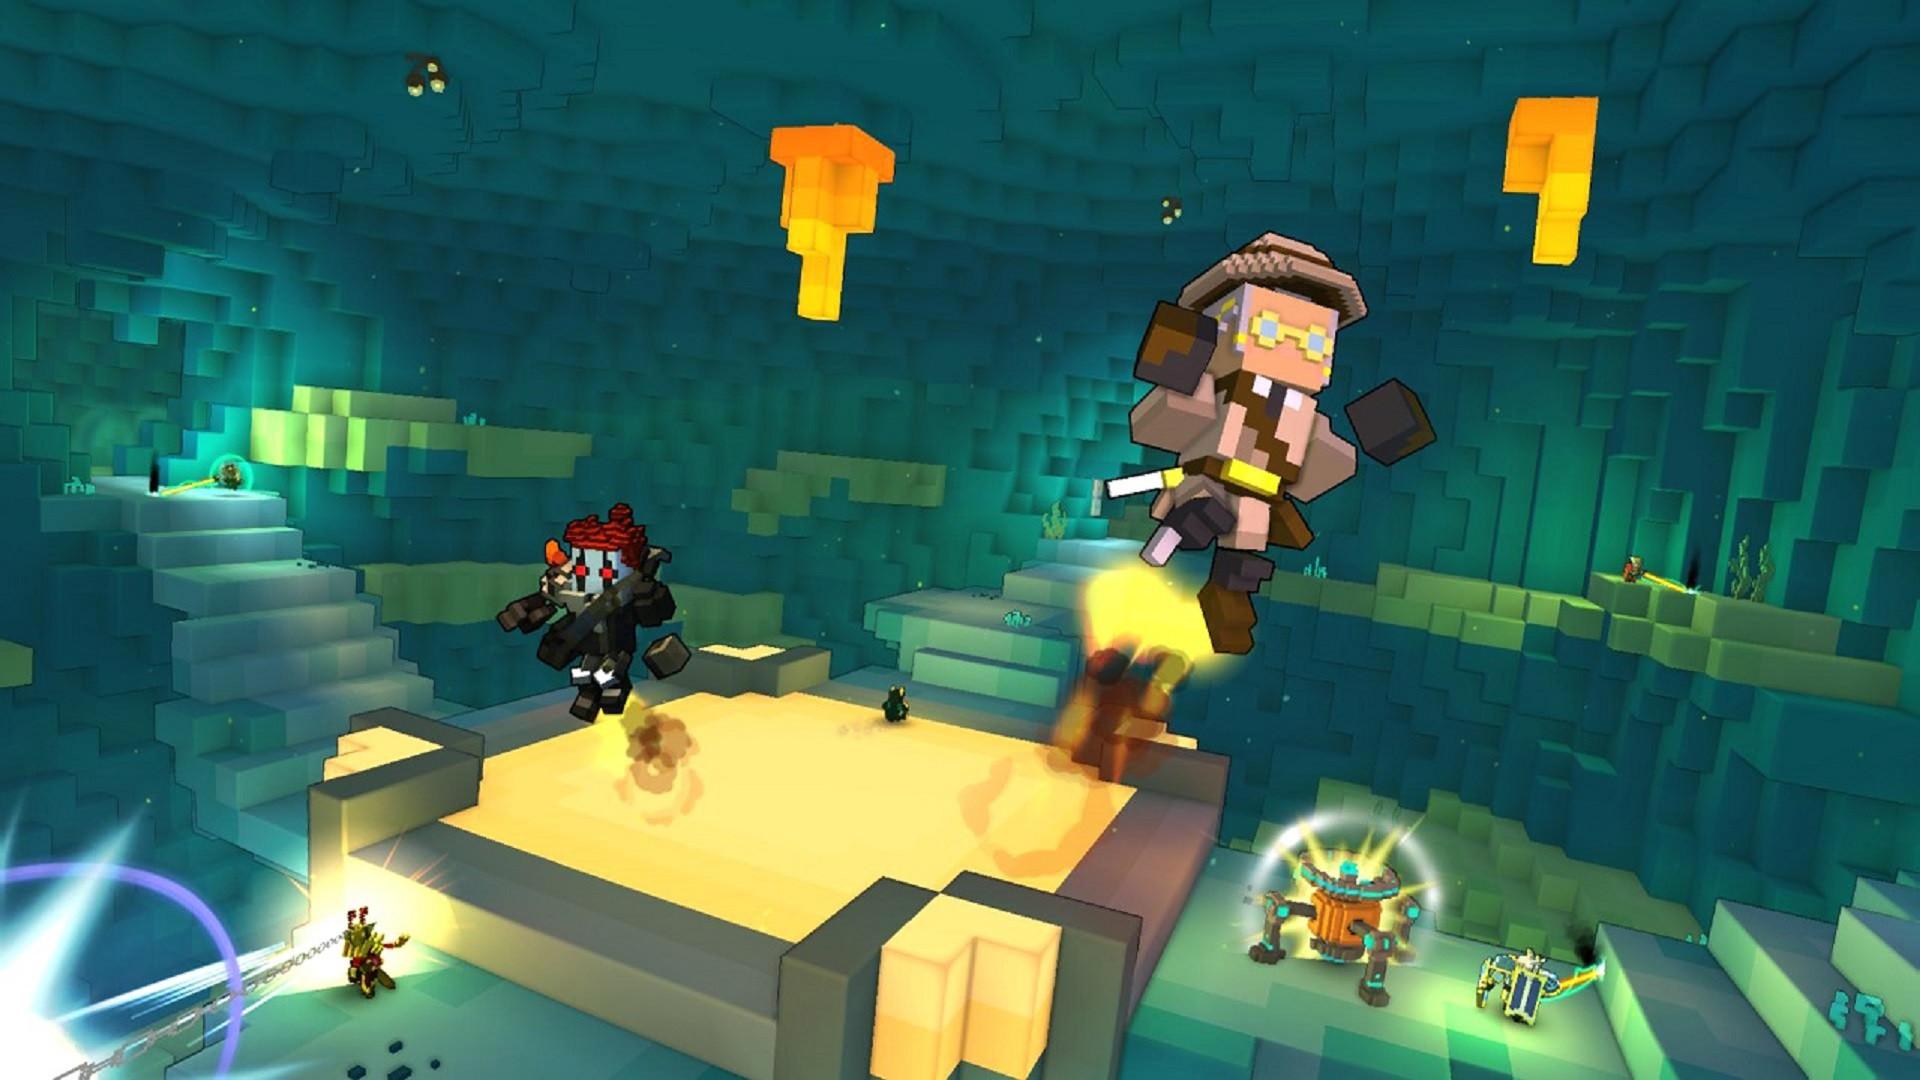 Trove On Steam - Minecraft spiele filme auf deutsch